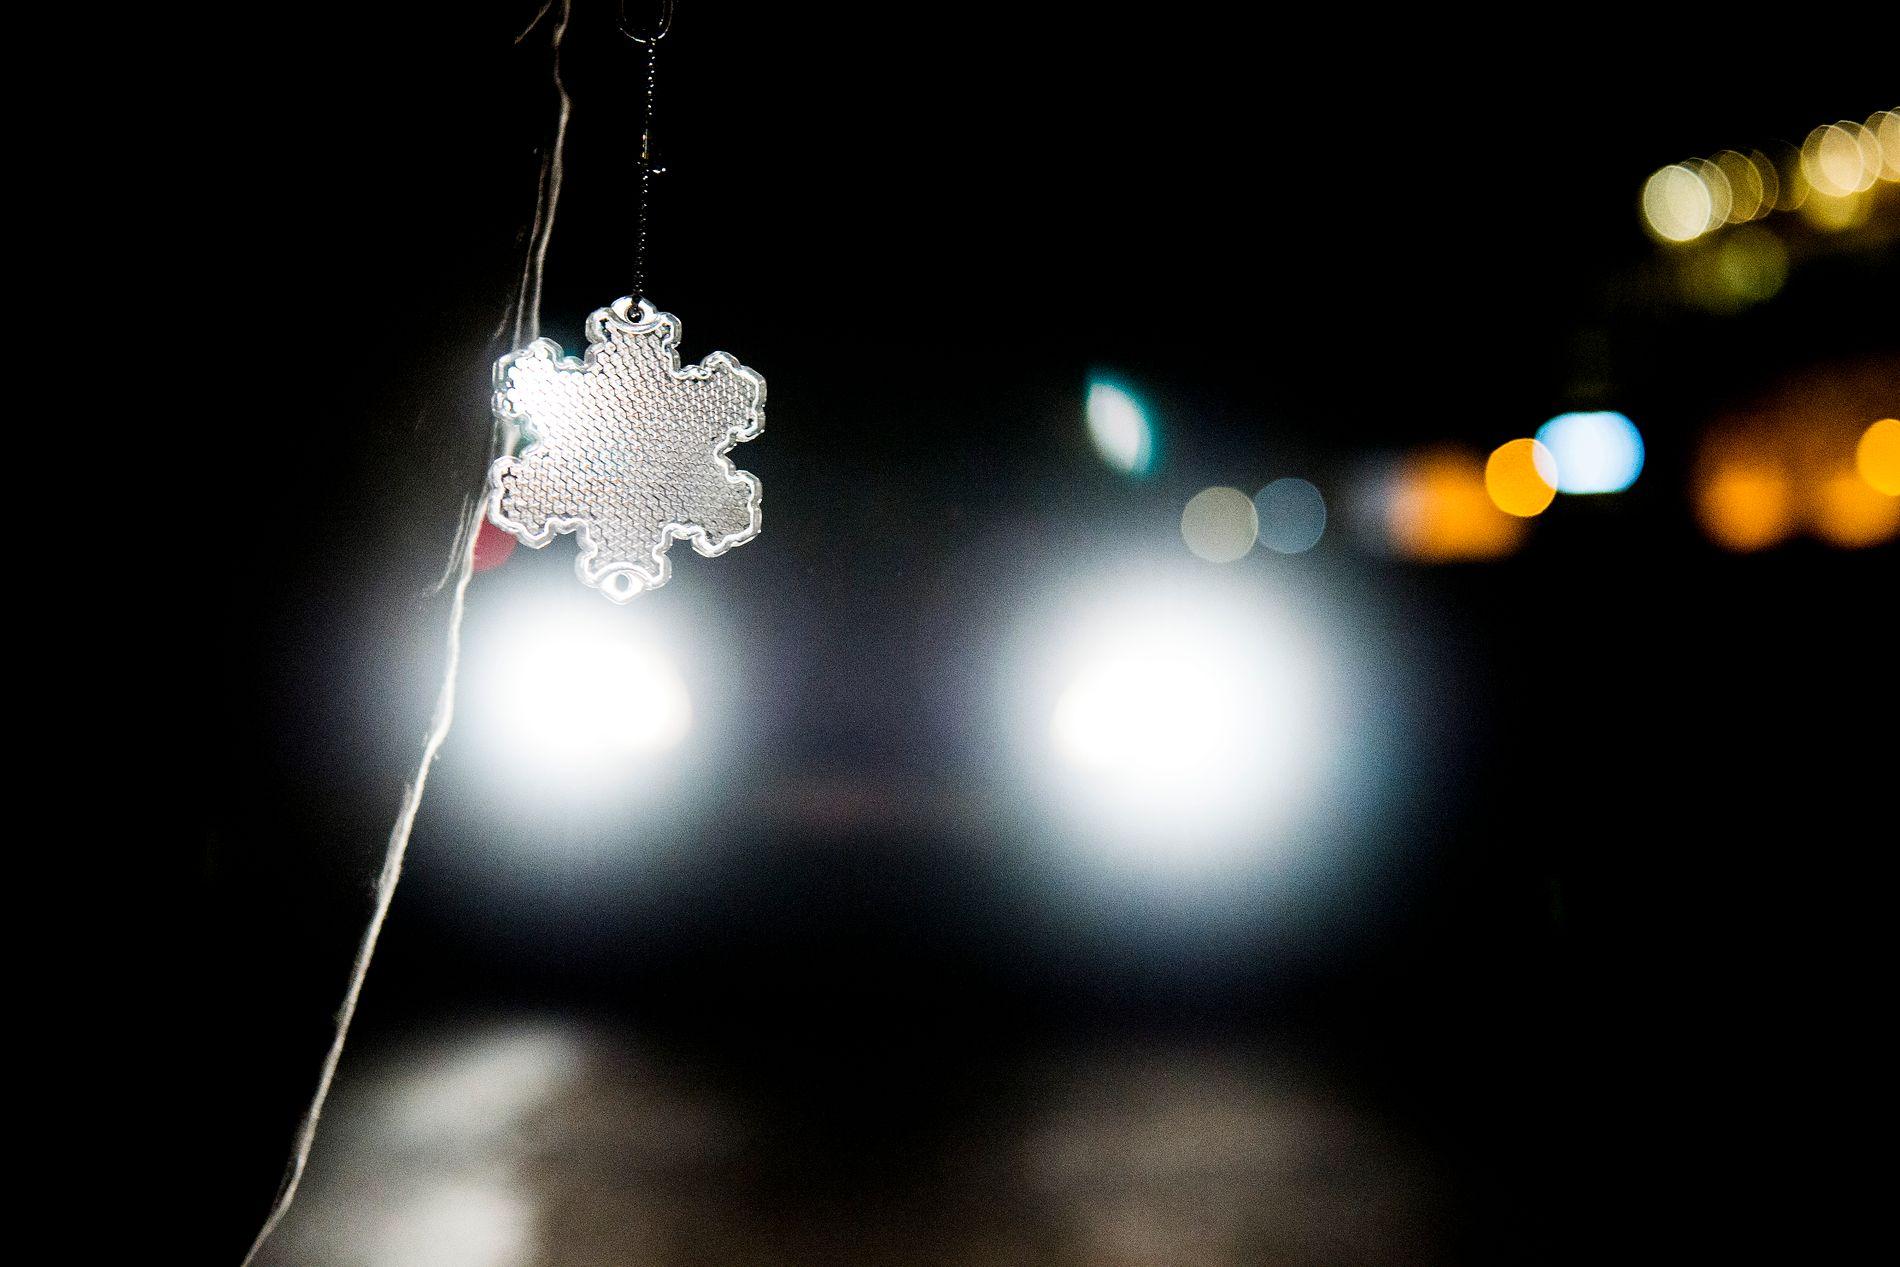 LIVREDDANDE: Refleks kan verte livsviktig dersom ein skal ferdast ute i vinterhalvåret. Det er ansvarslaust å senda det kjæraste ein eig ut døra utan, skriv Kaia T. Hatteberg.